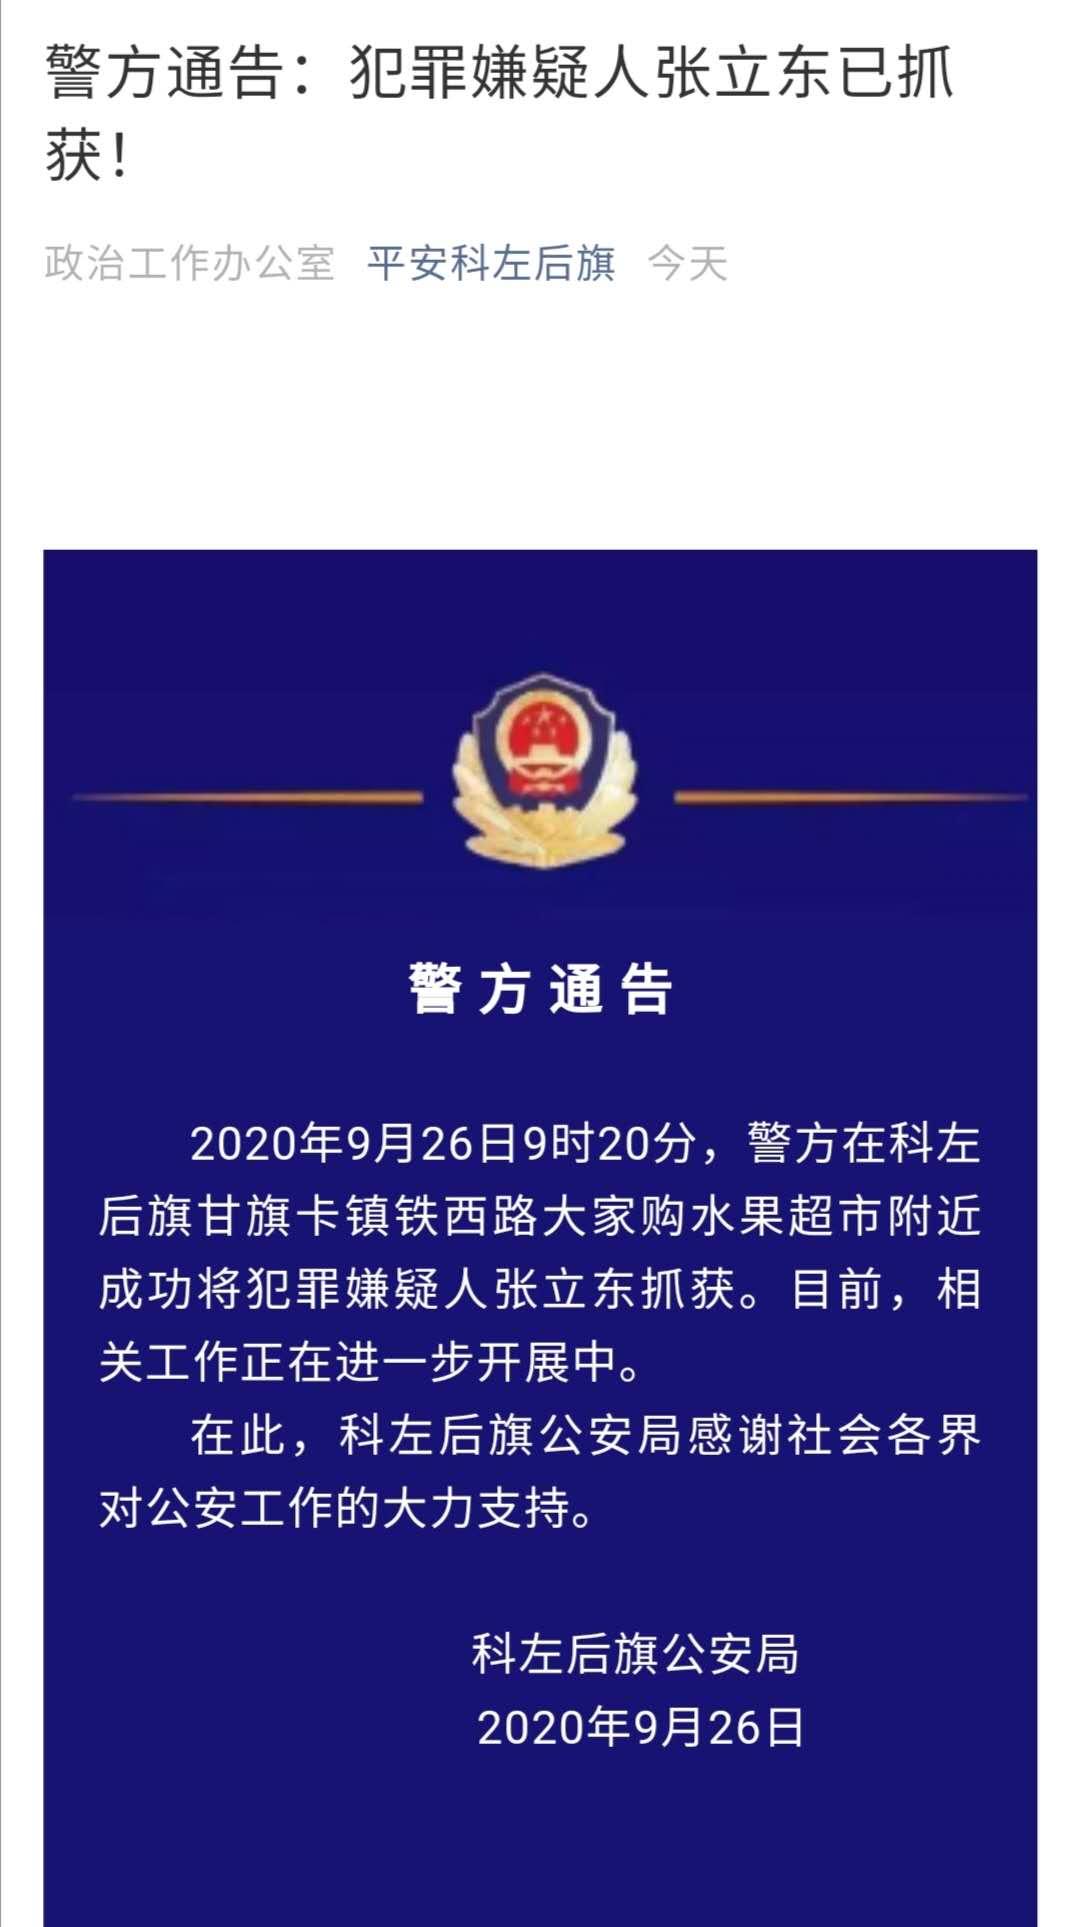 内蒙古一犯罪嫌疑人外出就医期间逃跑被抓获,悬赏金额曾至十万元图片